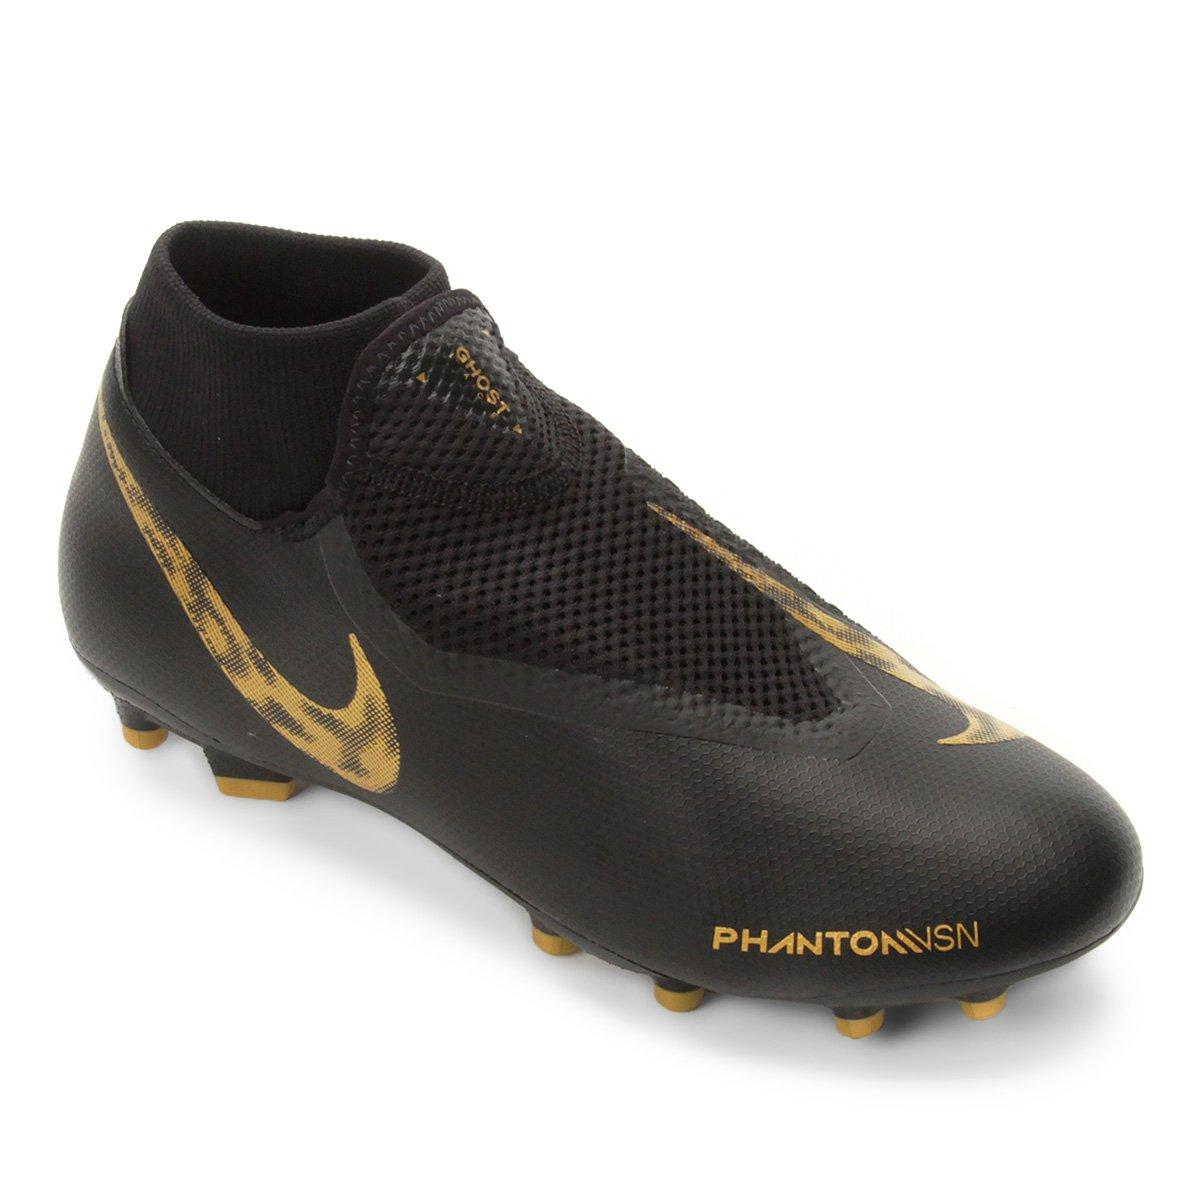 7ad9156178ed9 Chuteira Campo Nike Phantom Vision Academy DF FG - Preto e Dourado | Shop  Timão